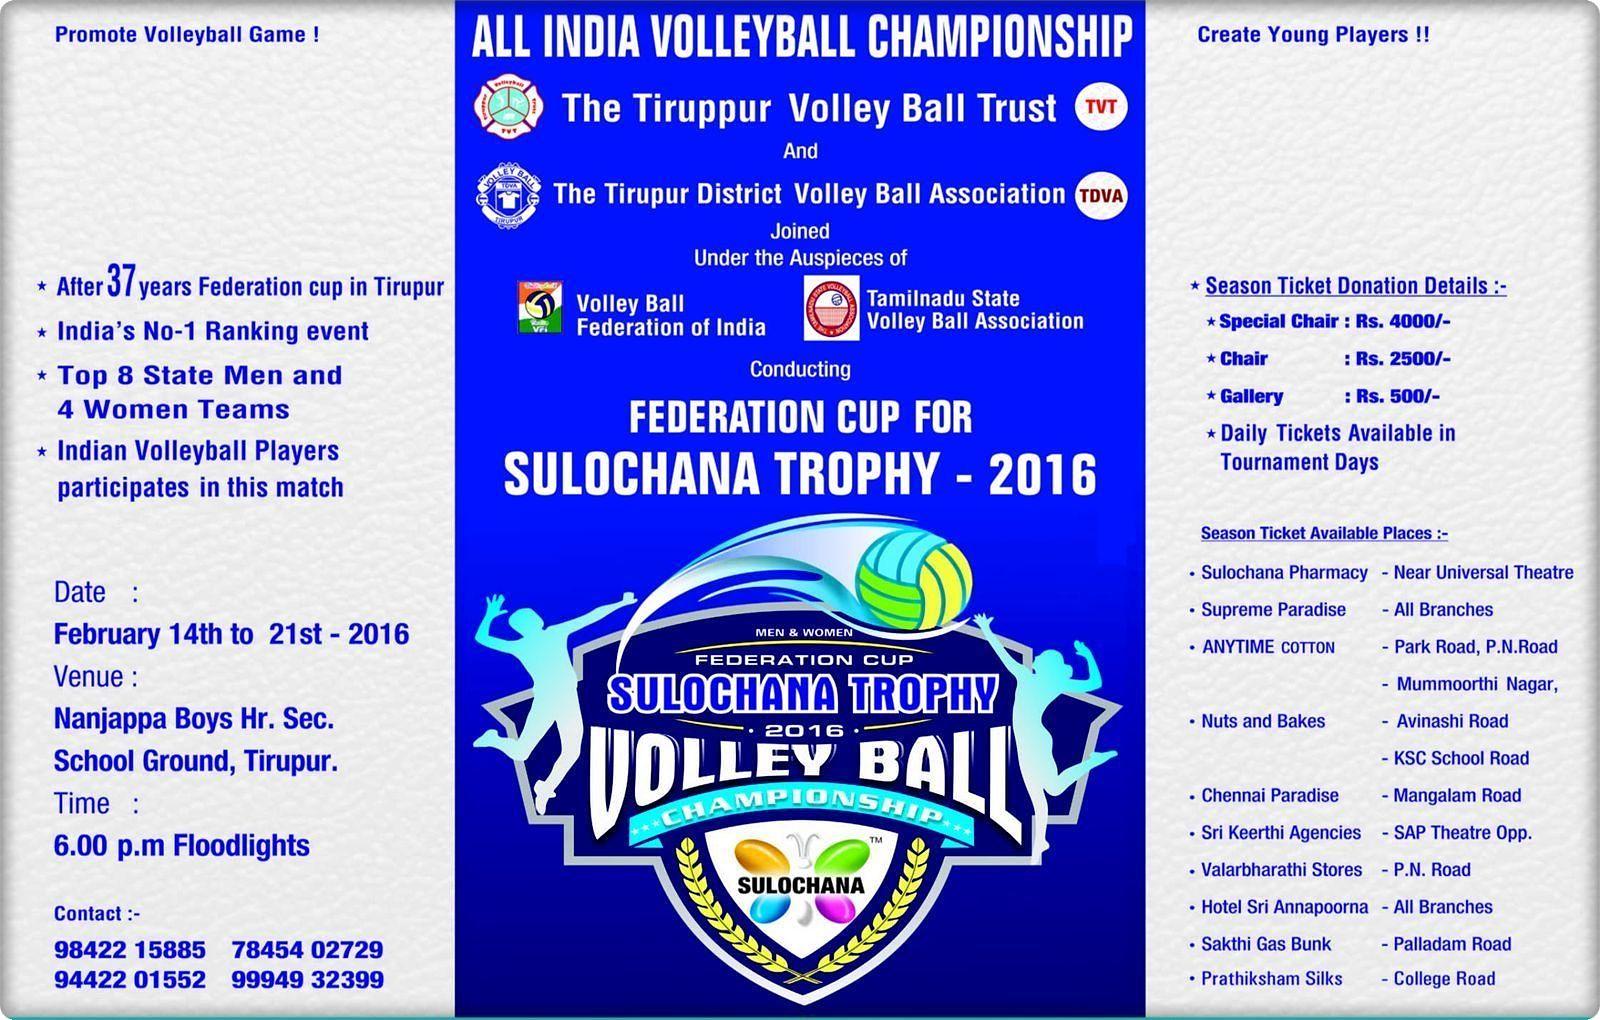 Sulochana Trophy 2016